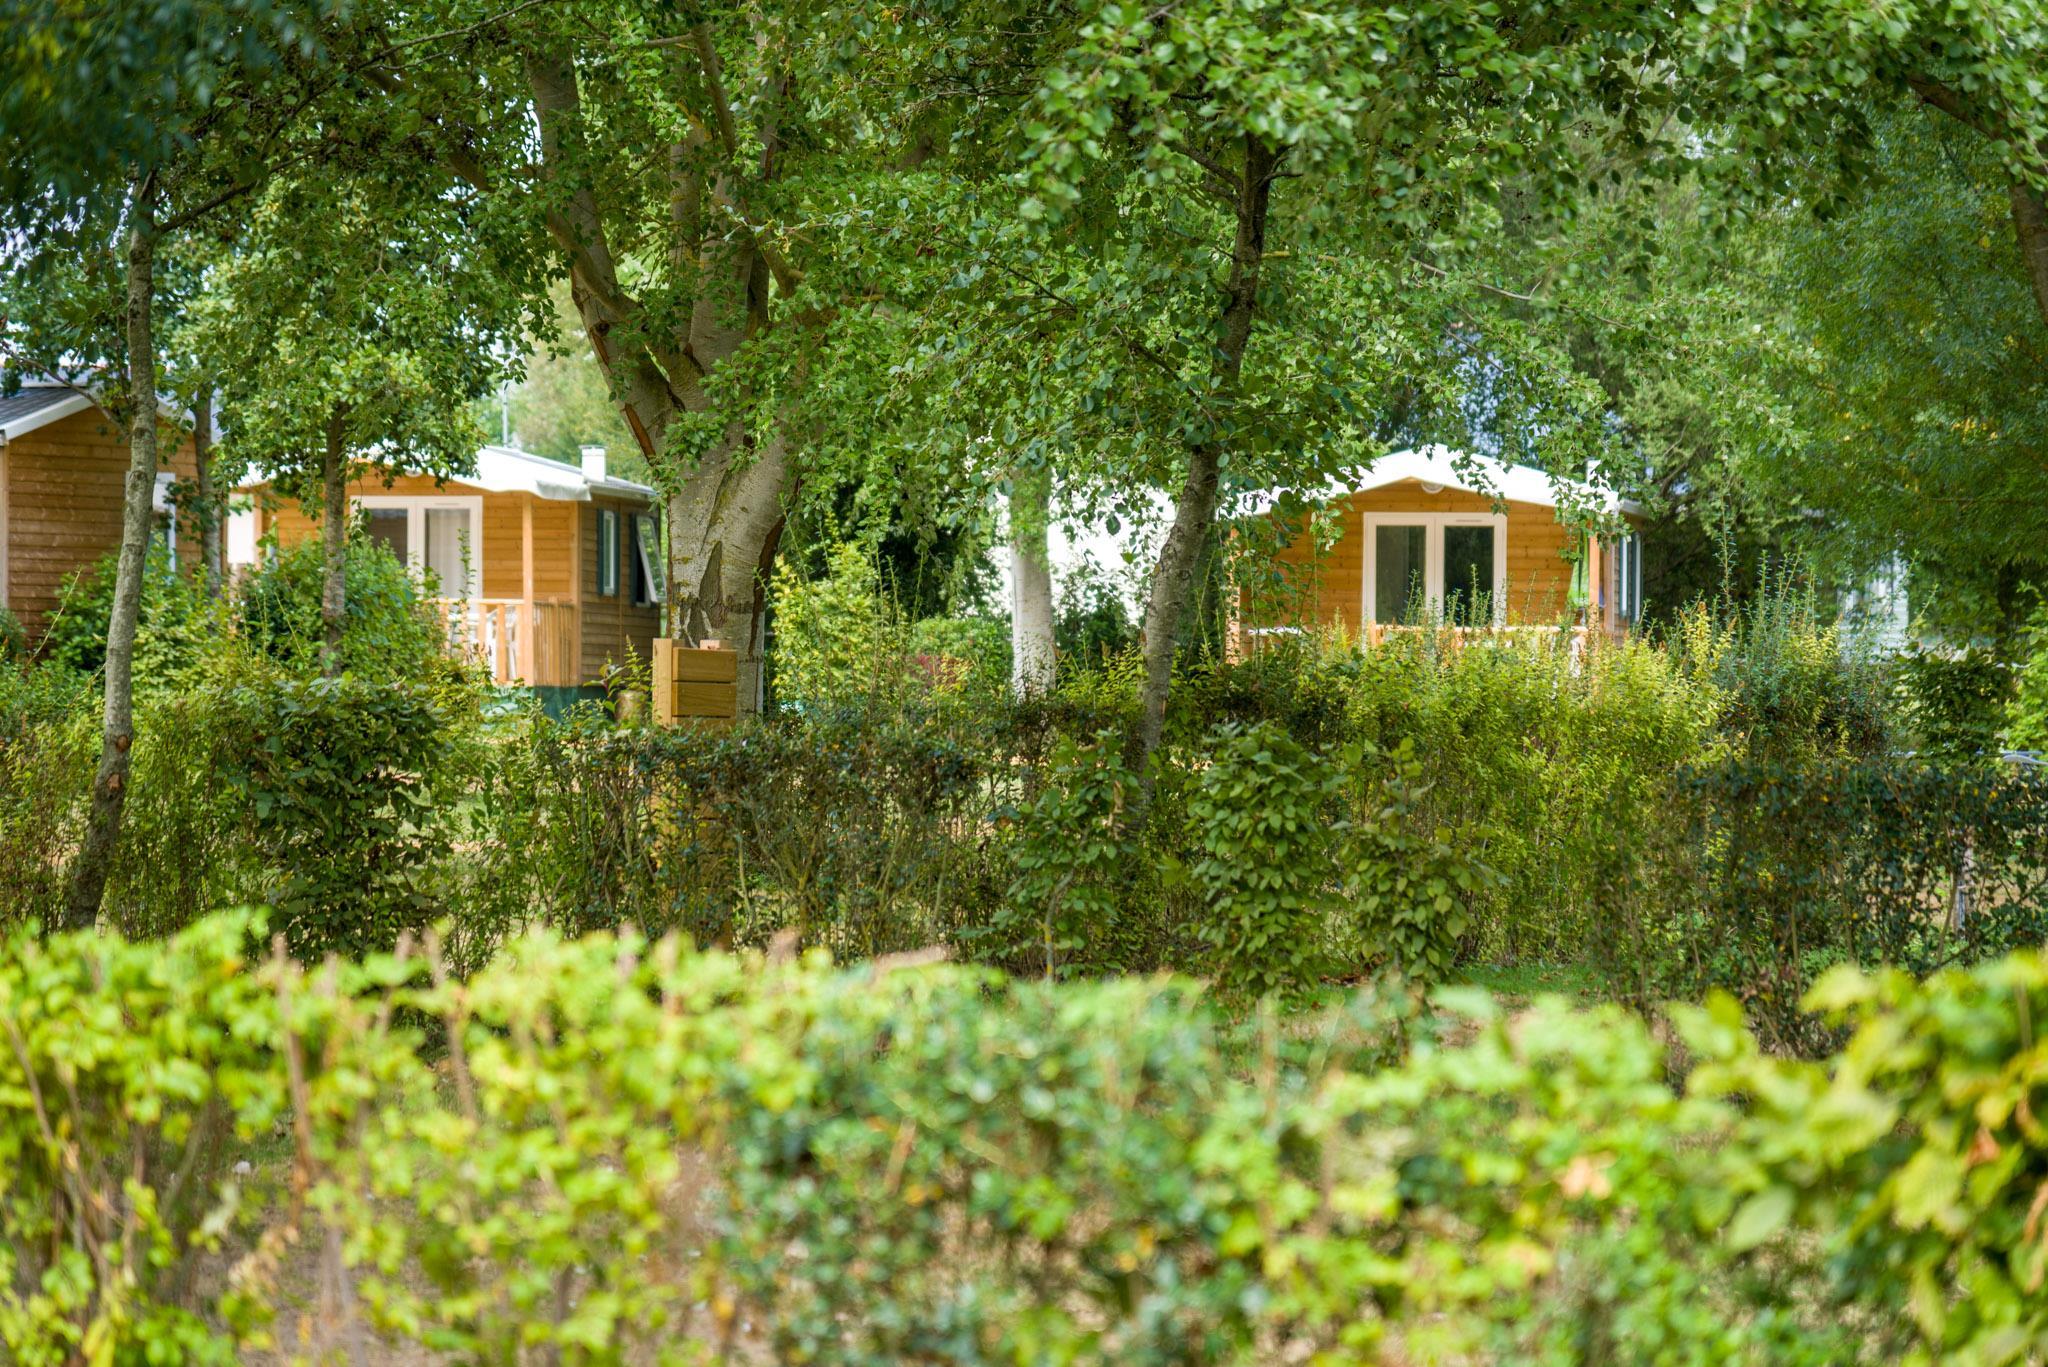 Camping Domaine de l'Etang, Brissac-Quince, Maine-et-Loire